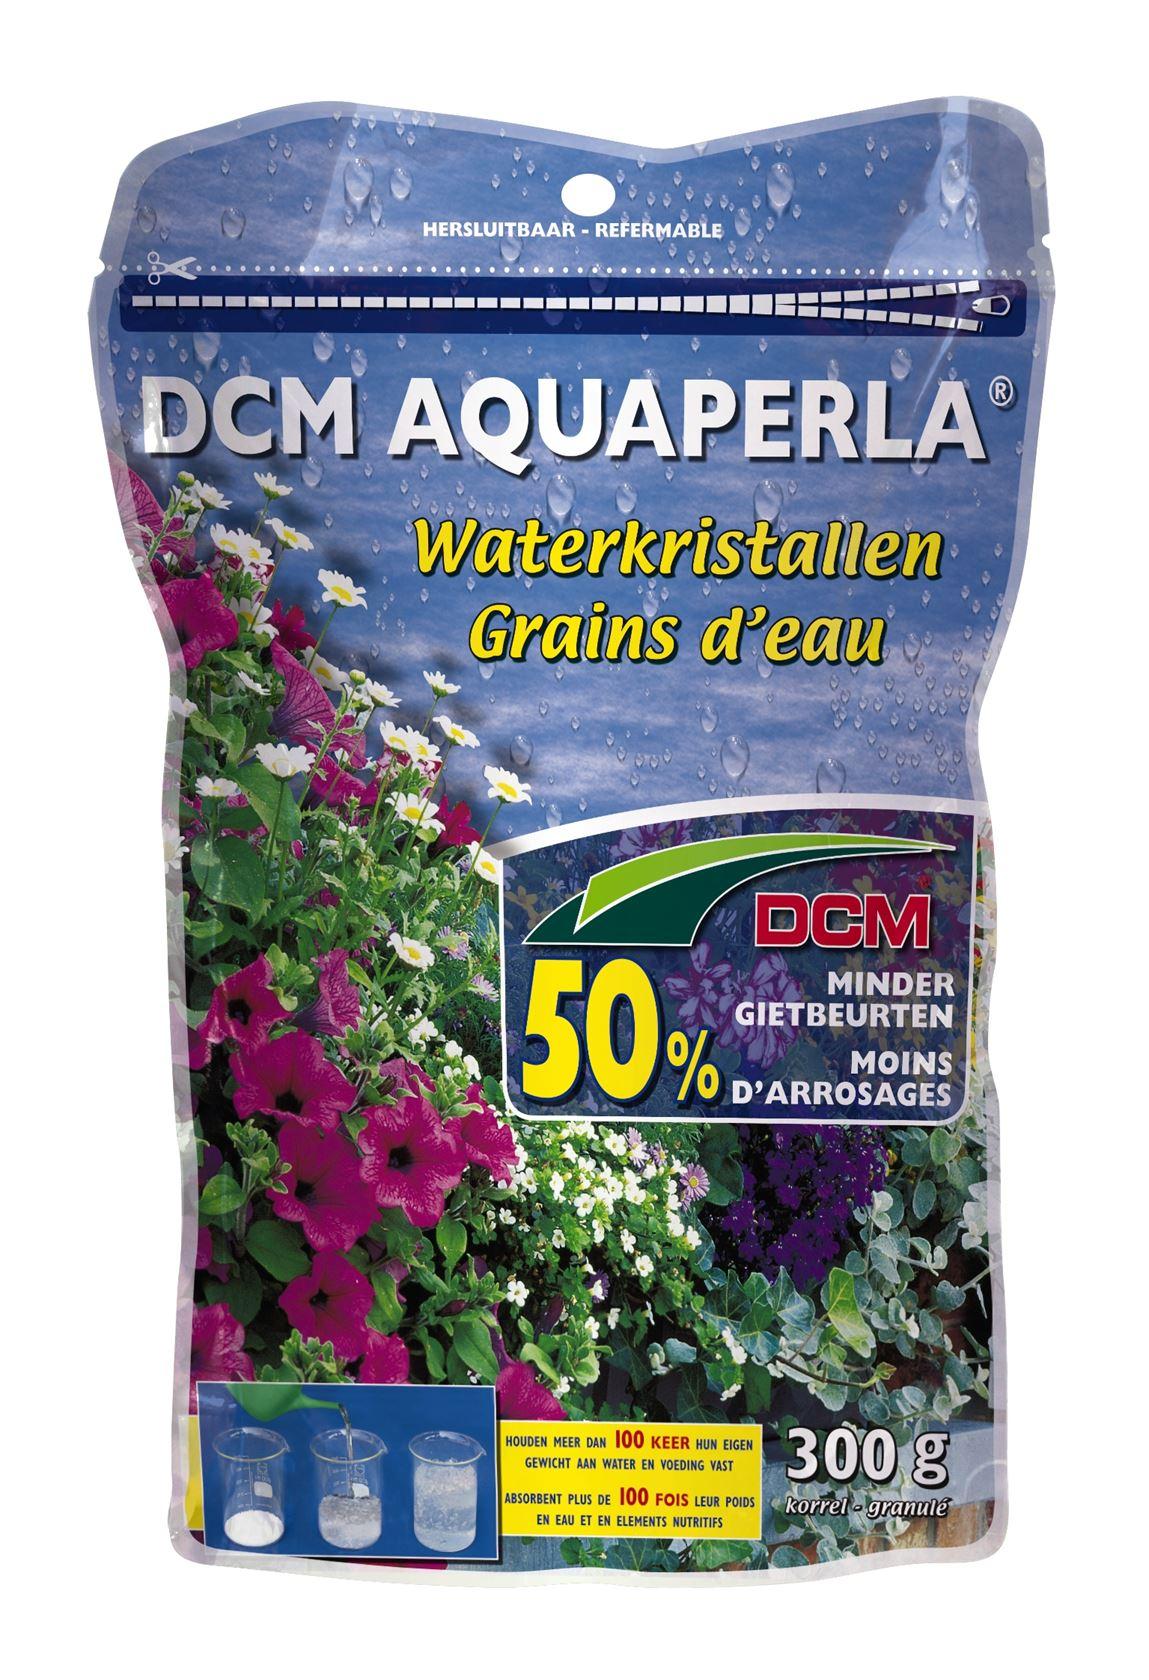 Auaperla waterkristallen 0,3kg